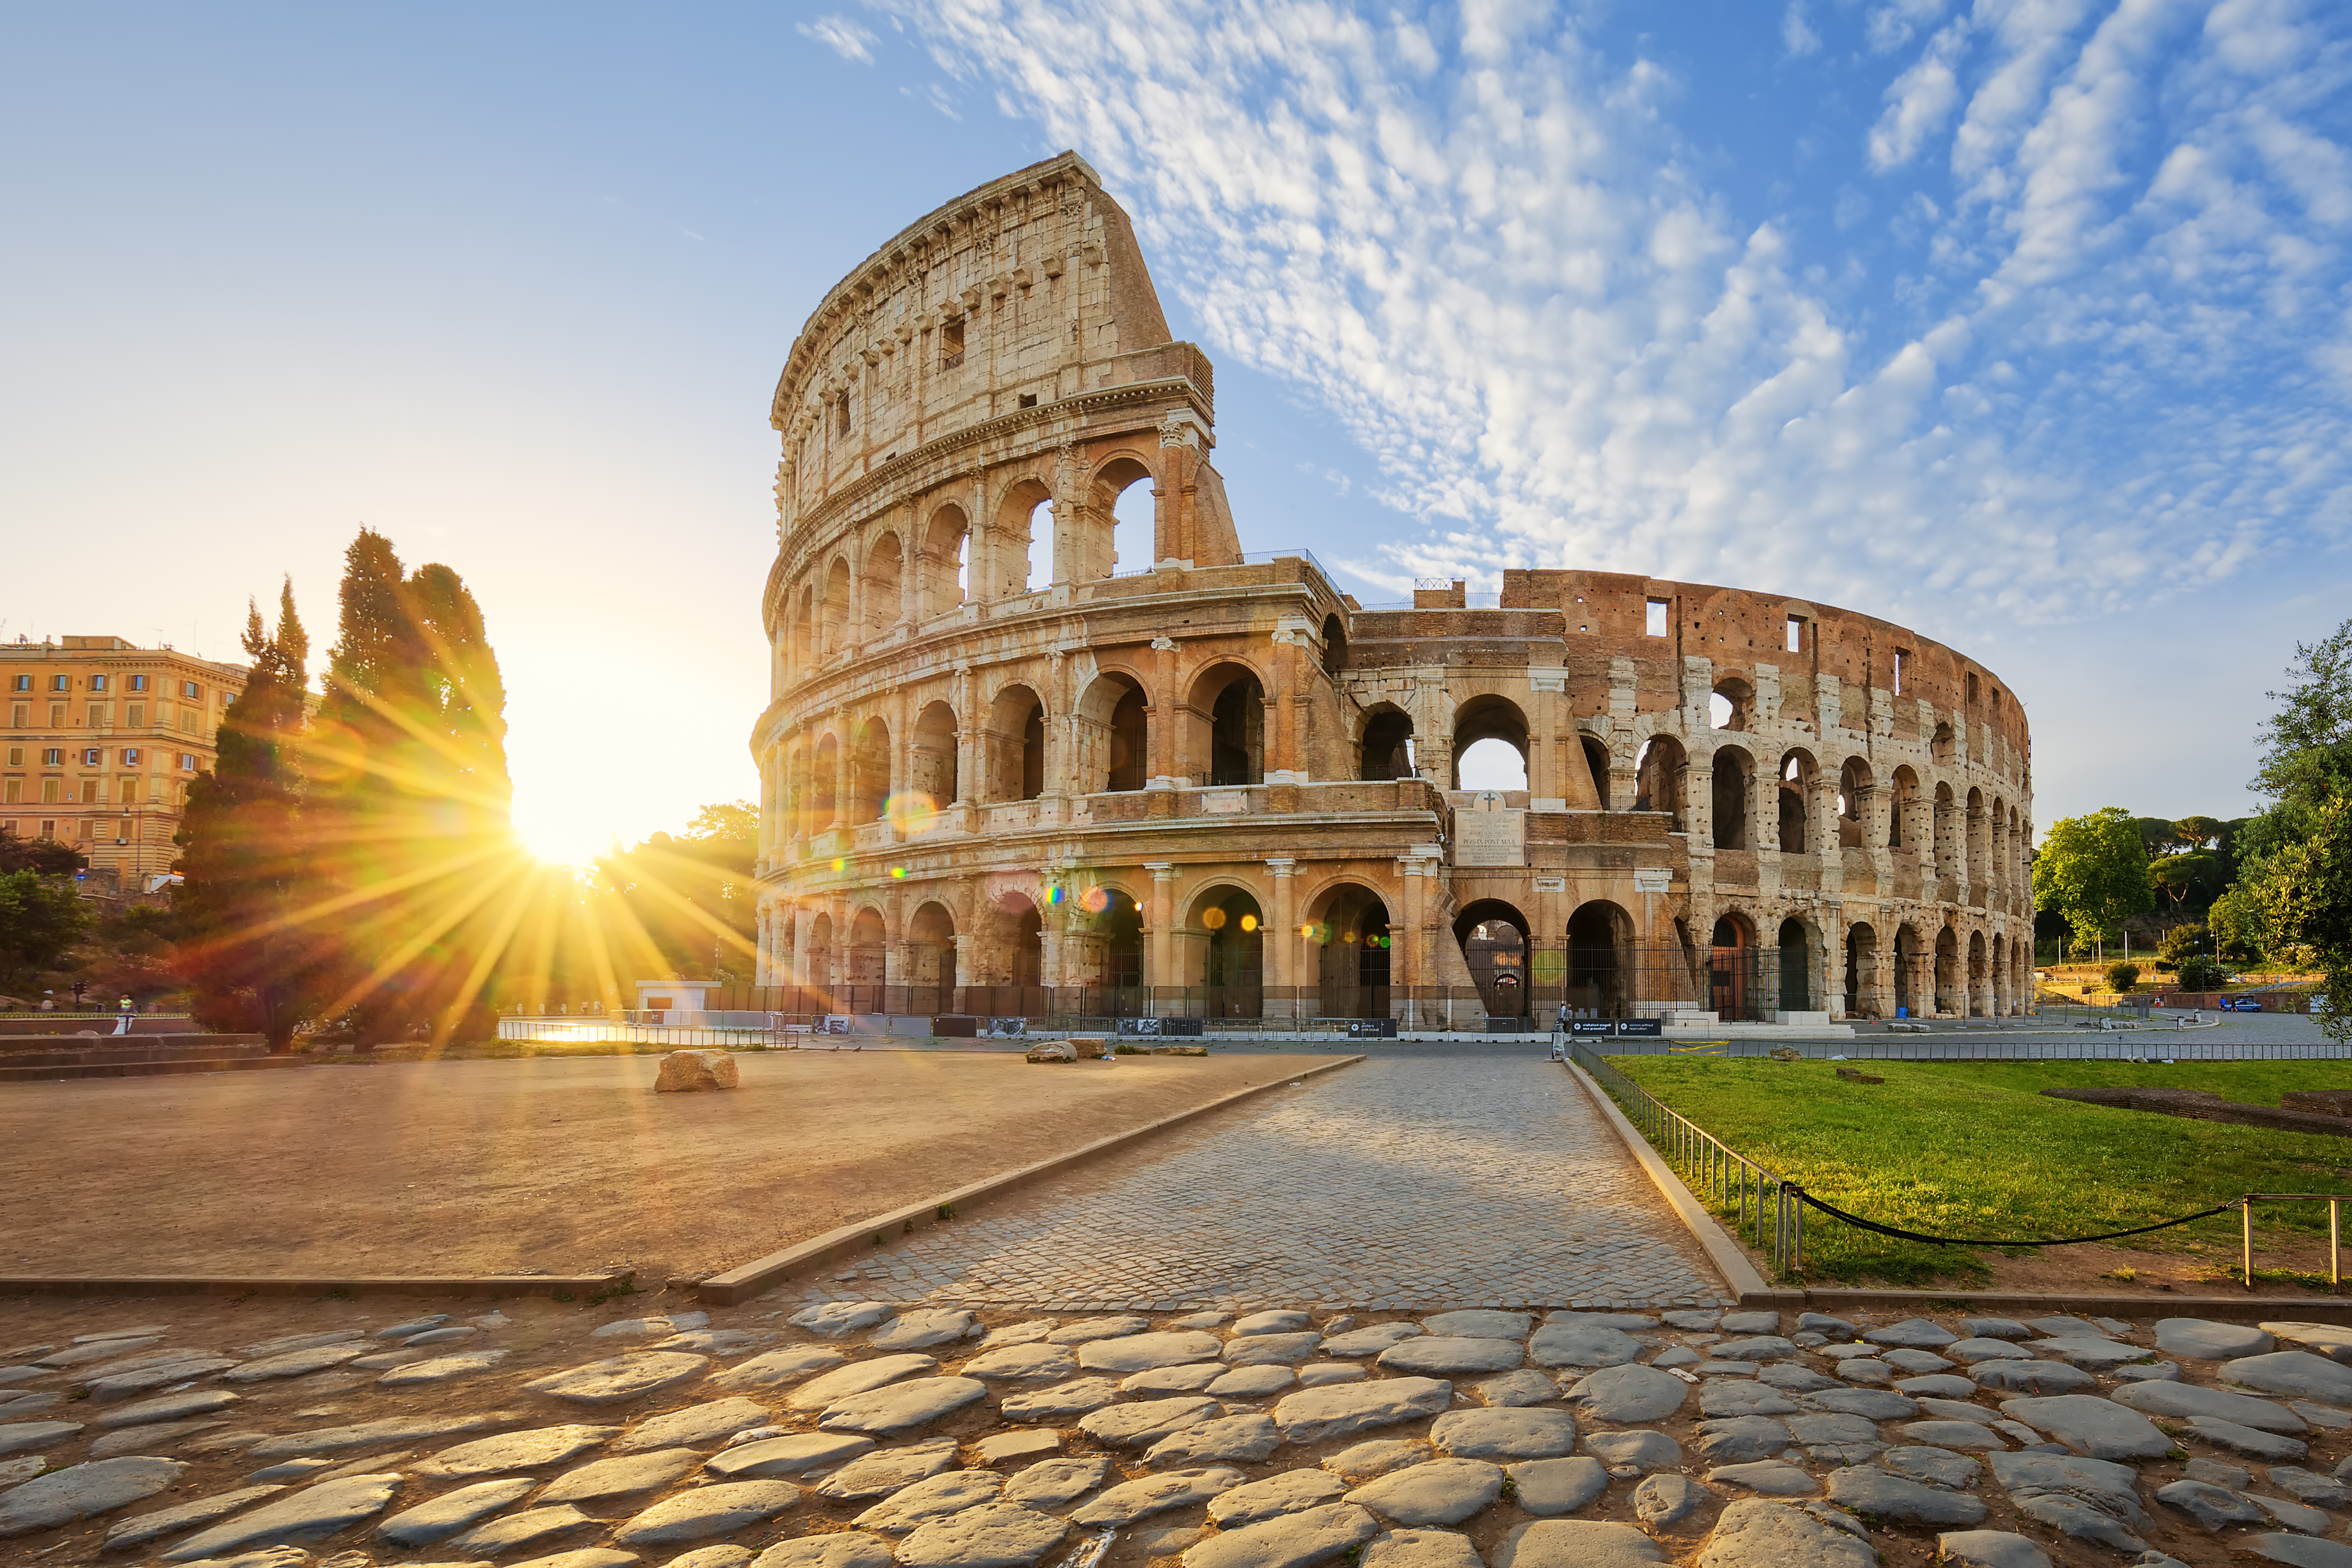 ¡Visita el Coliseo y revive su apasionante historia! - Italia Circuito Lo mejor de la Toscana